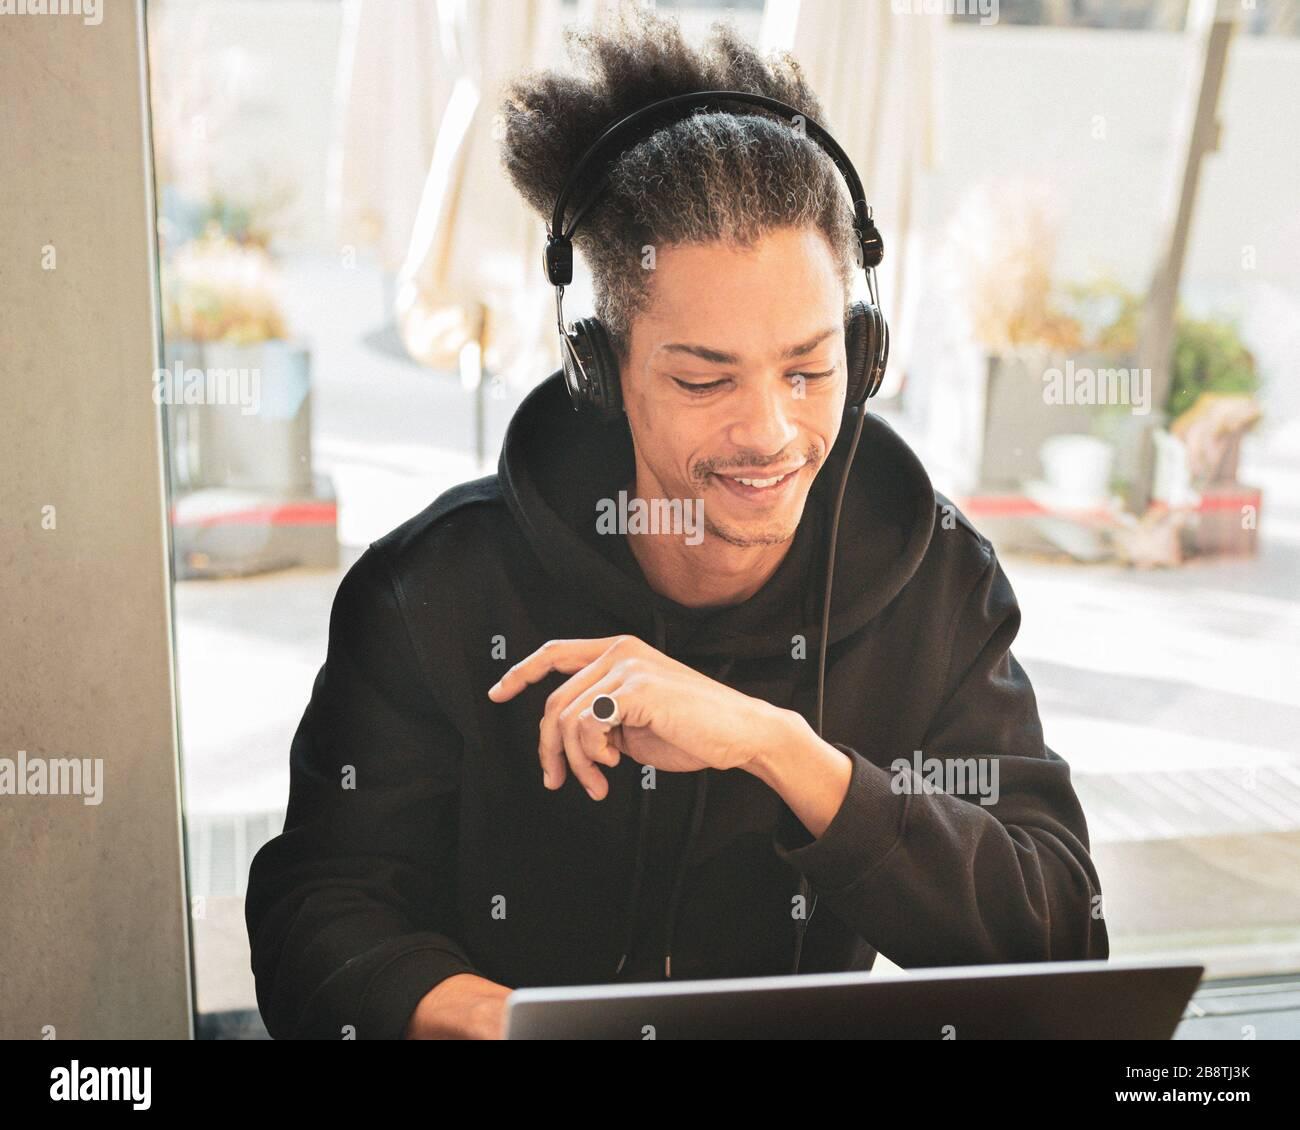 El hombre afro americano creativo, con pelo extraño, está estudiando y creando nuevo contenido para su blog personal, latinoamericano trabajando en proyecto web, lifest Foto de stock